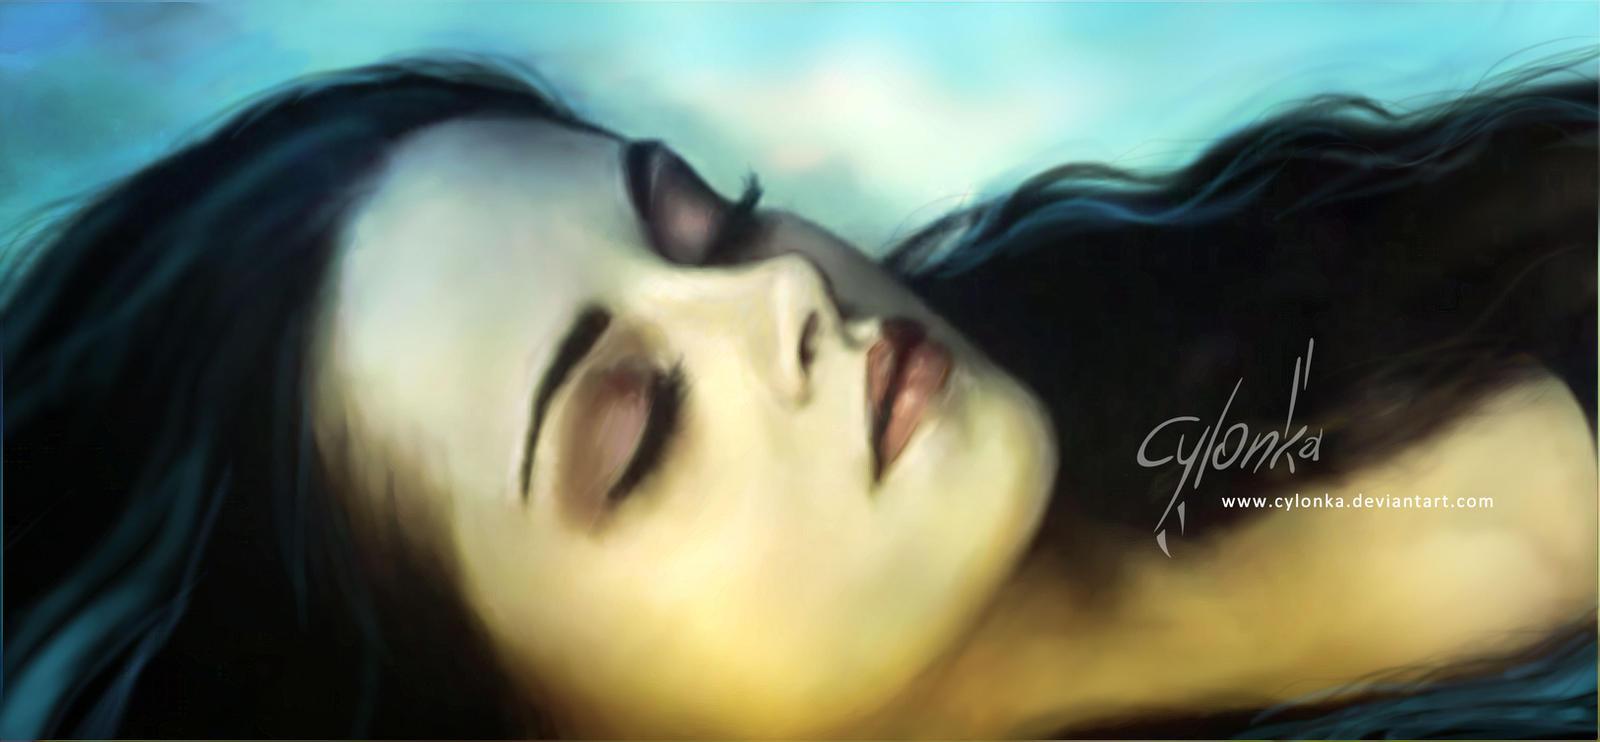 Love Death Birth By Cylonka